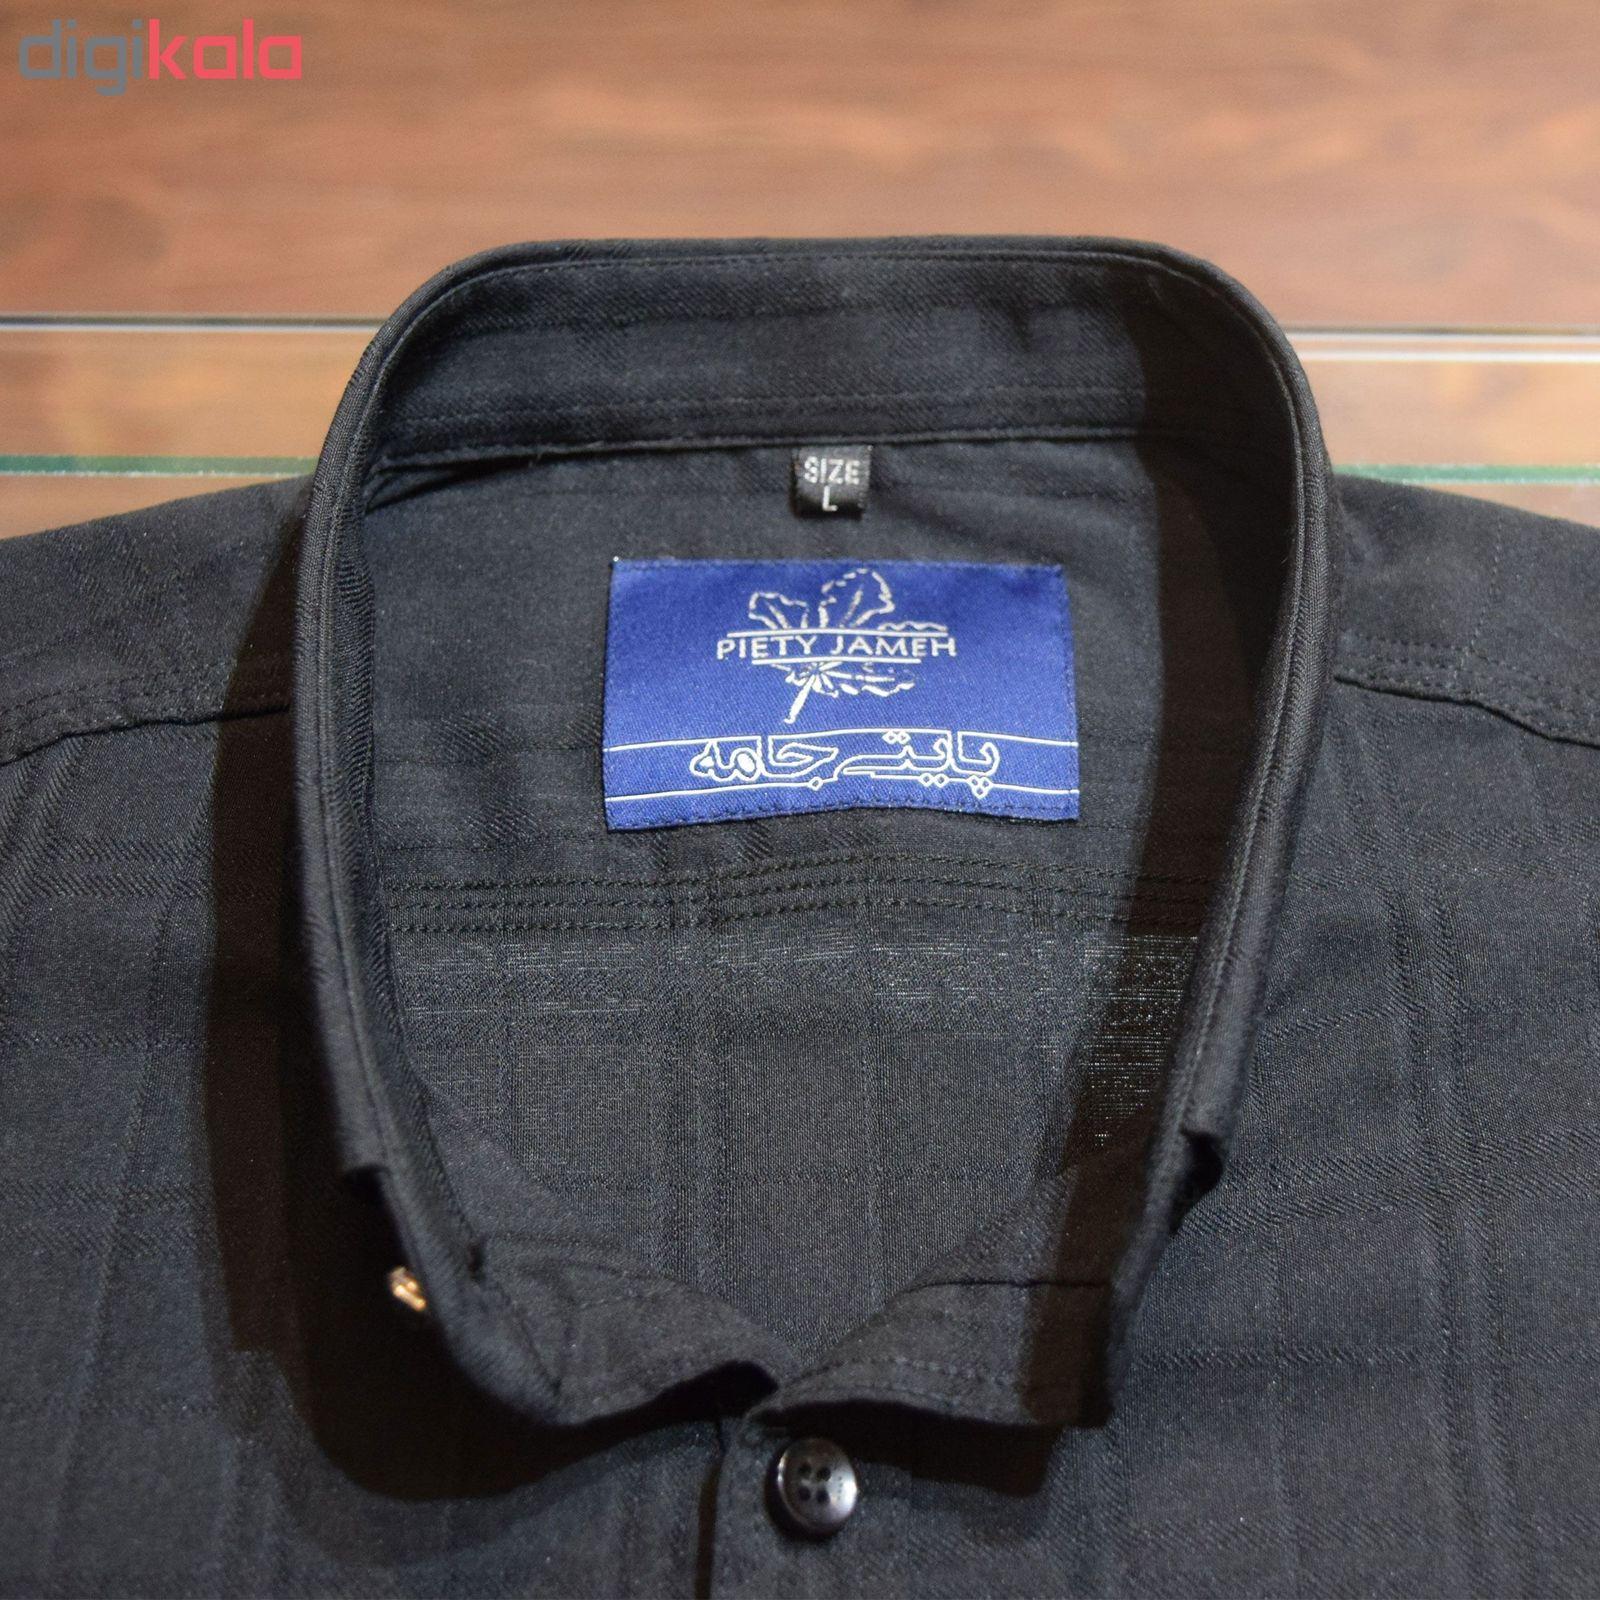 پیراهن مردانه پایتی جامه کد 1944403 main 1 4